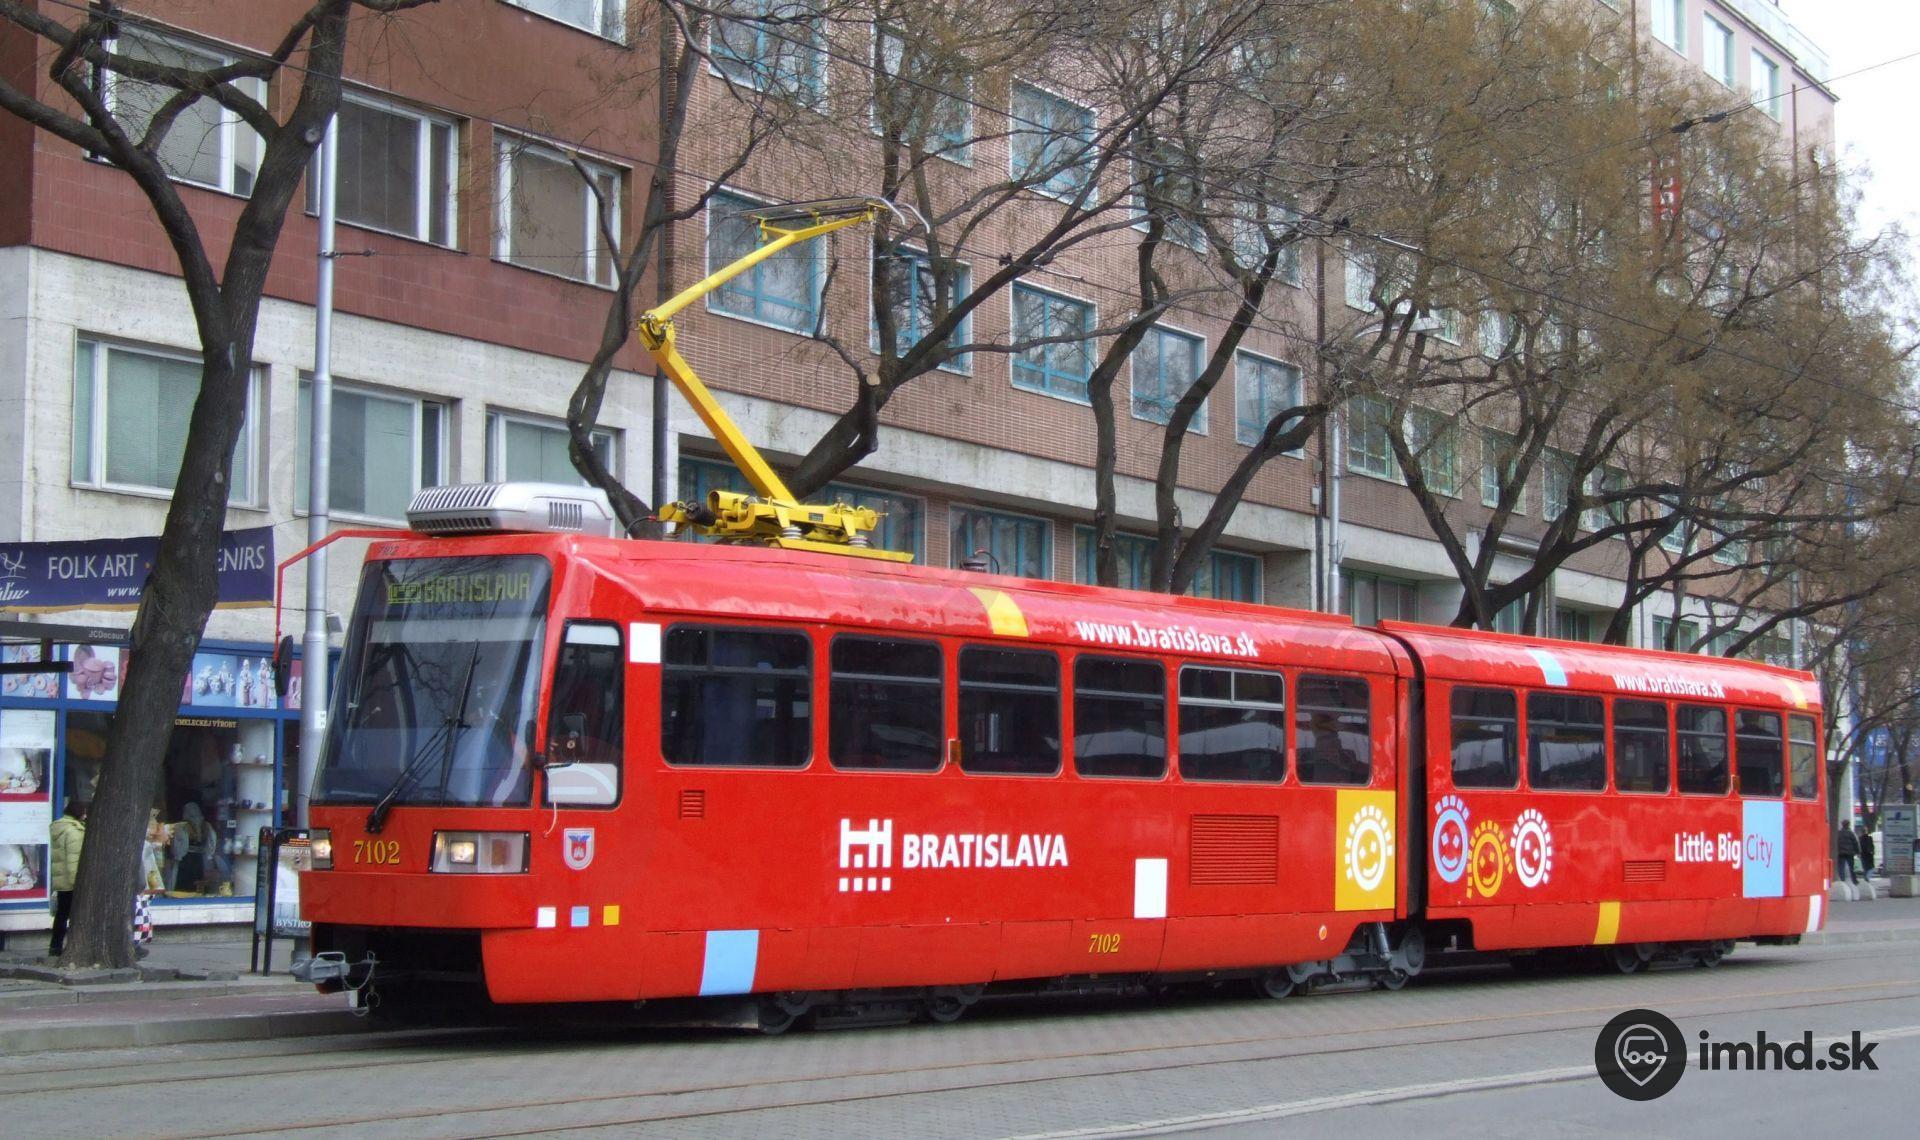 351eb5ac7711 DPB zavedie dvojjazyčné vyhlasovanie turisticky významných zastávok •  imhd.sk Bratislava